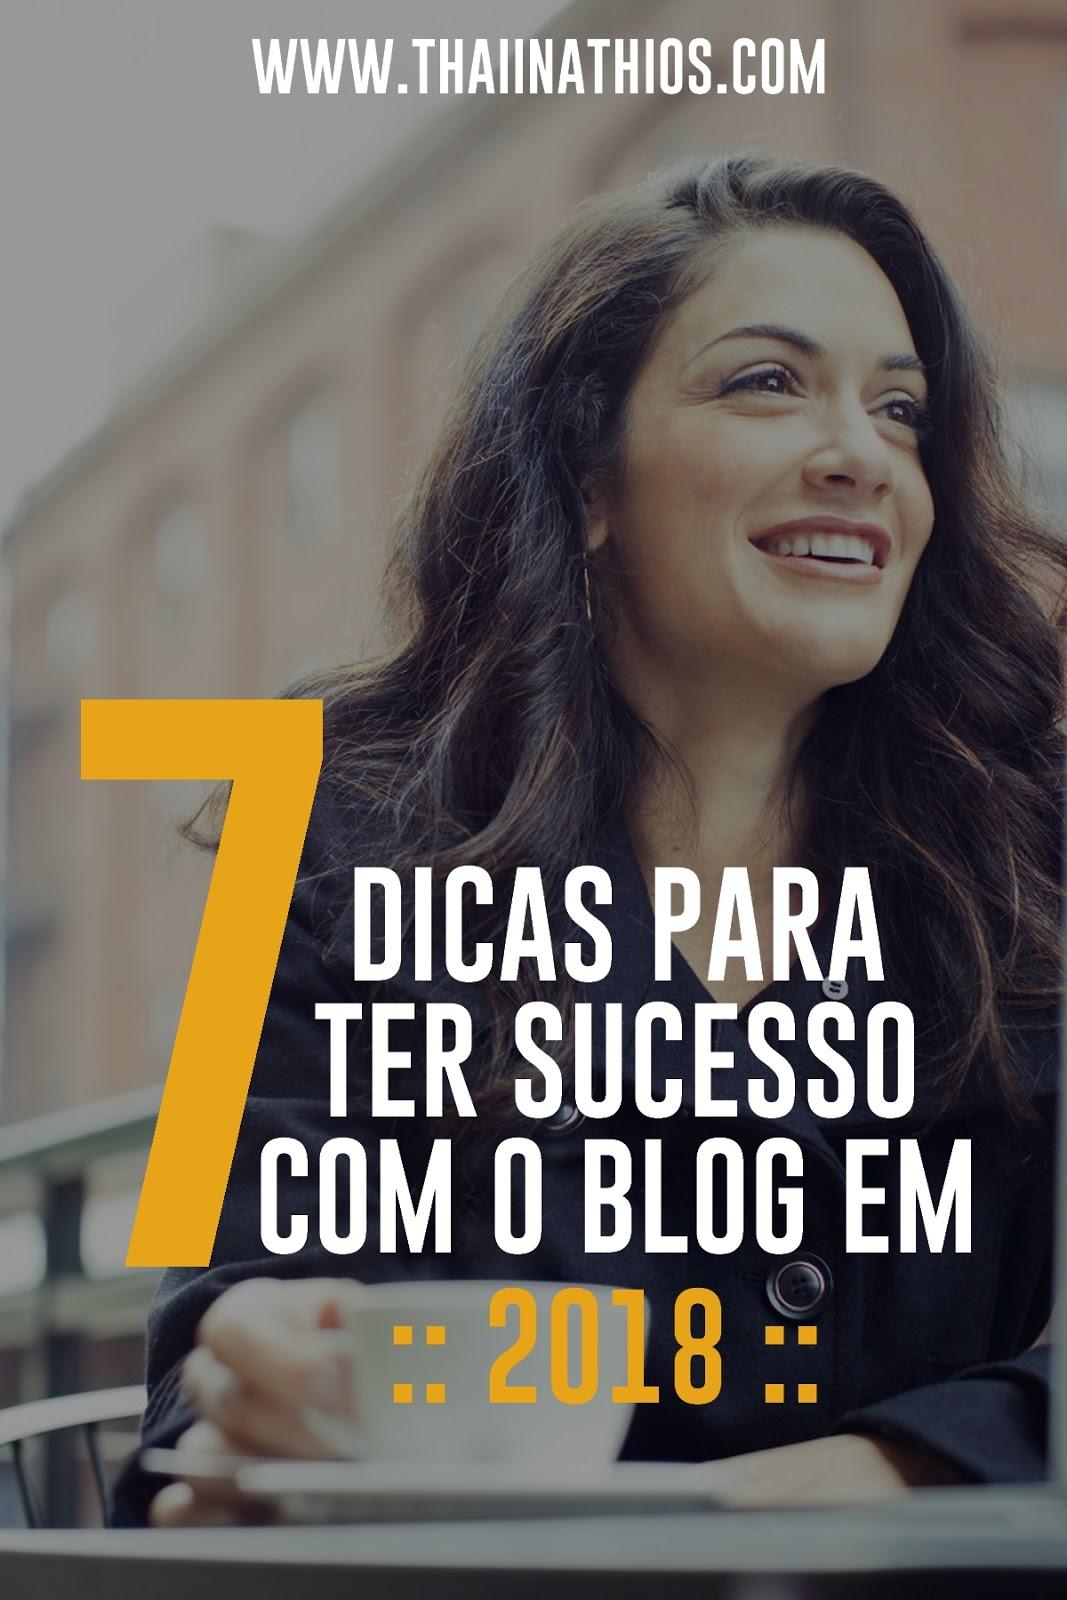 7 Dicas para ter sucesso com o Blog em 2018